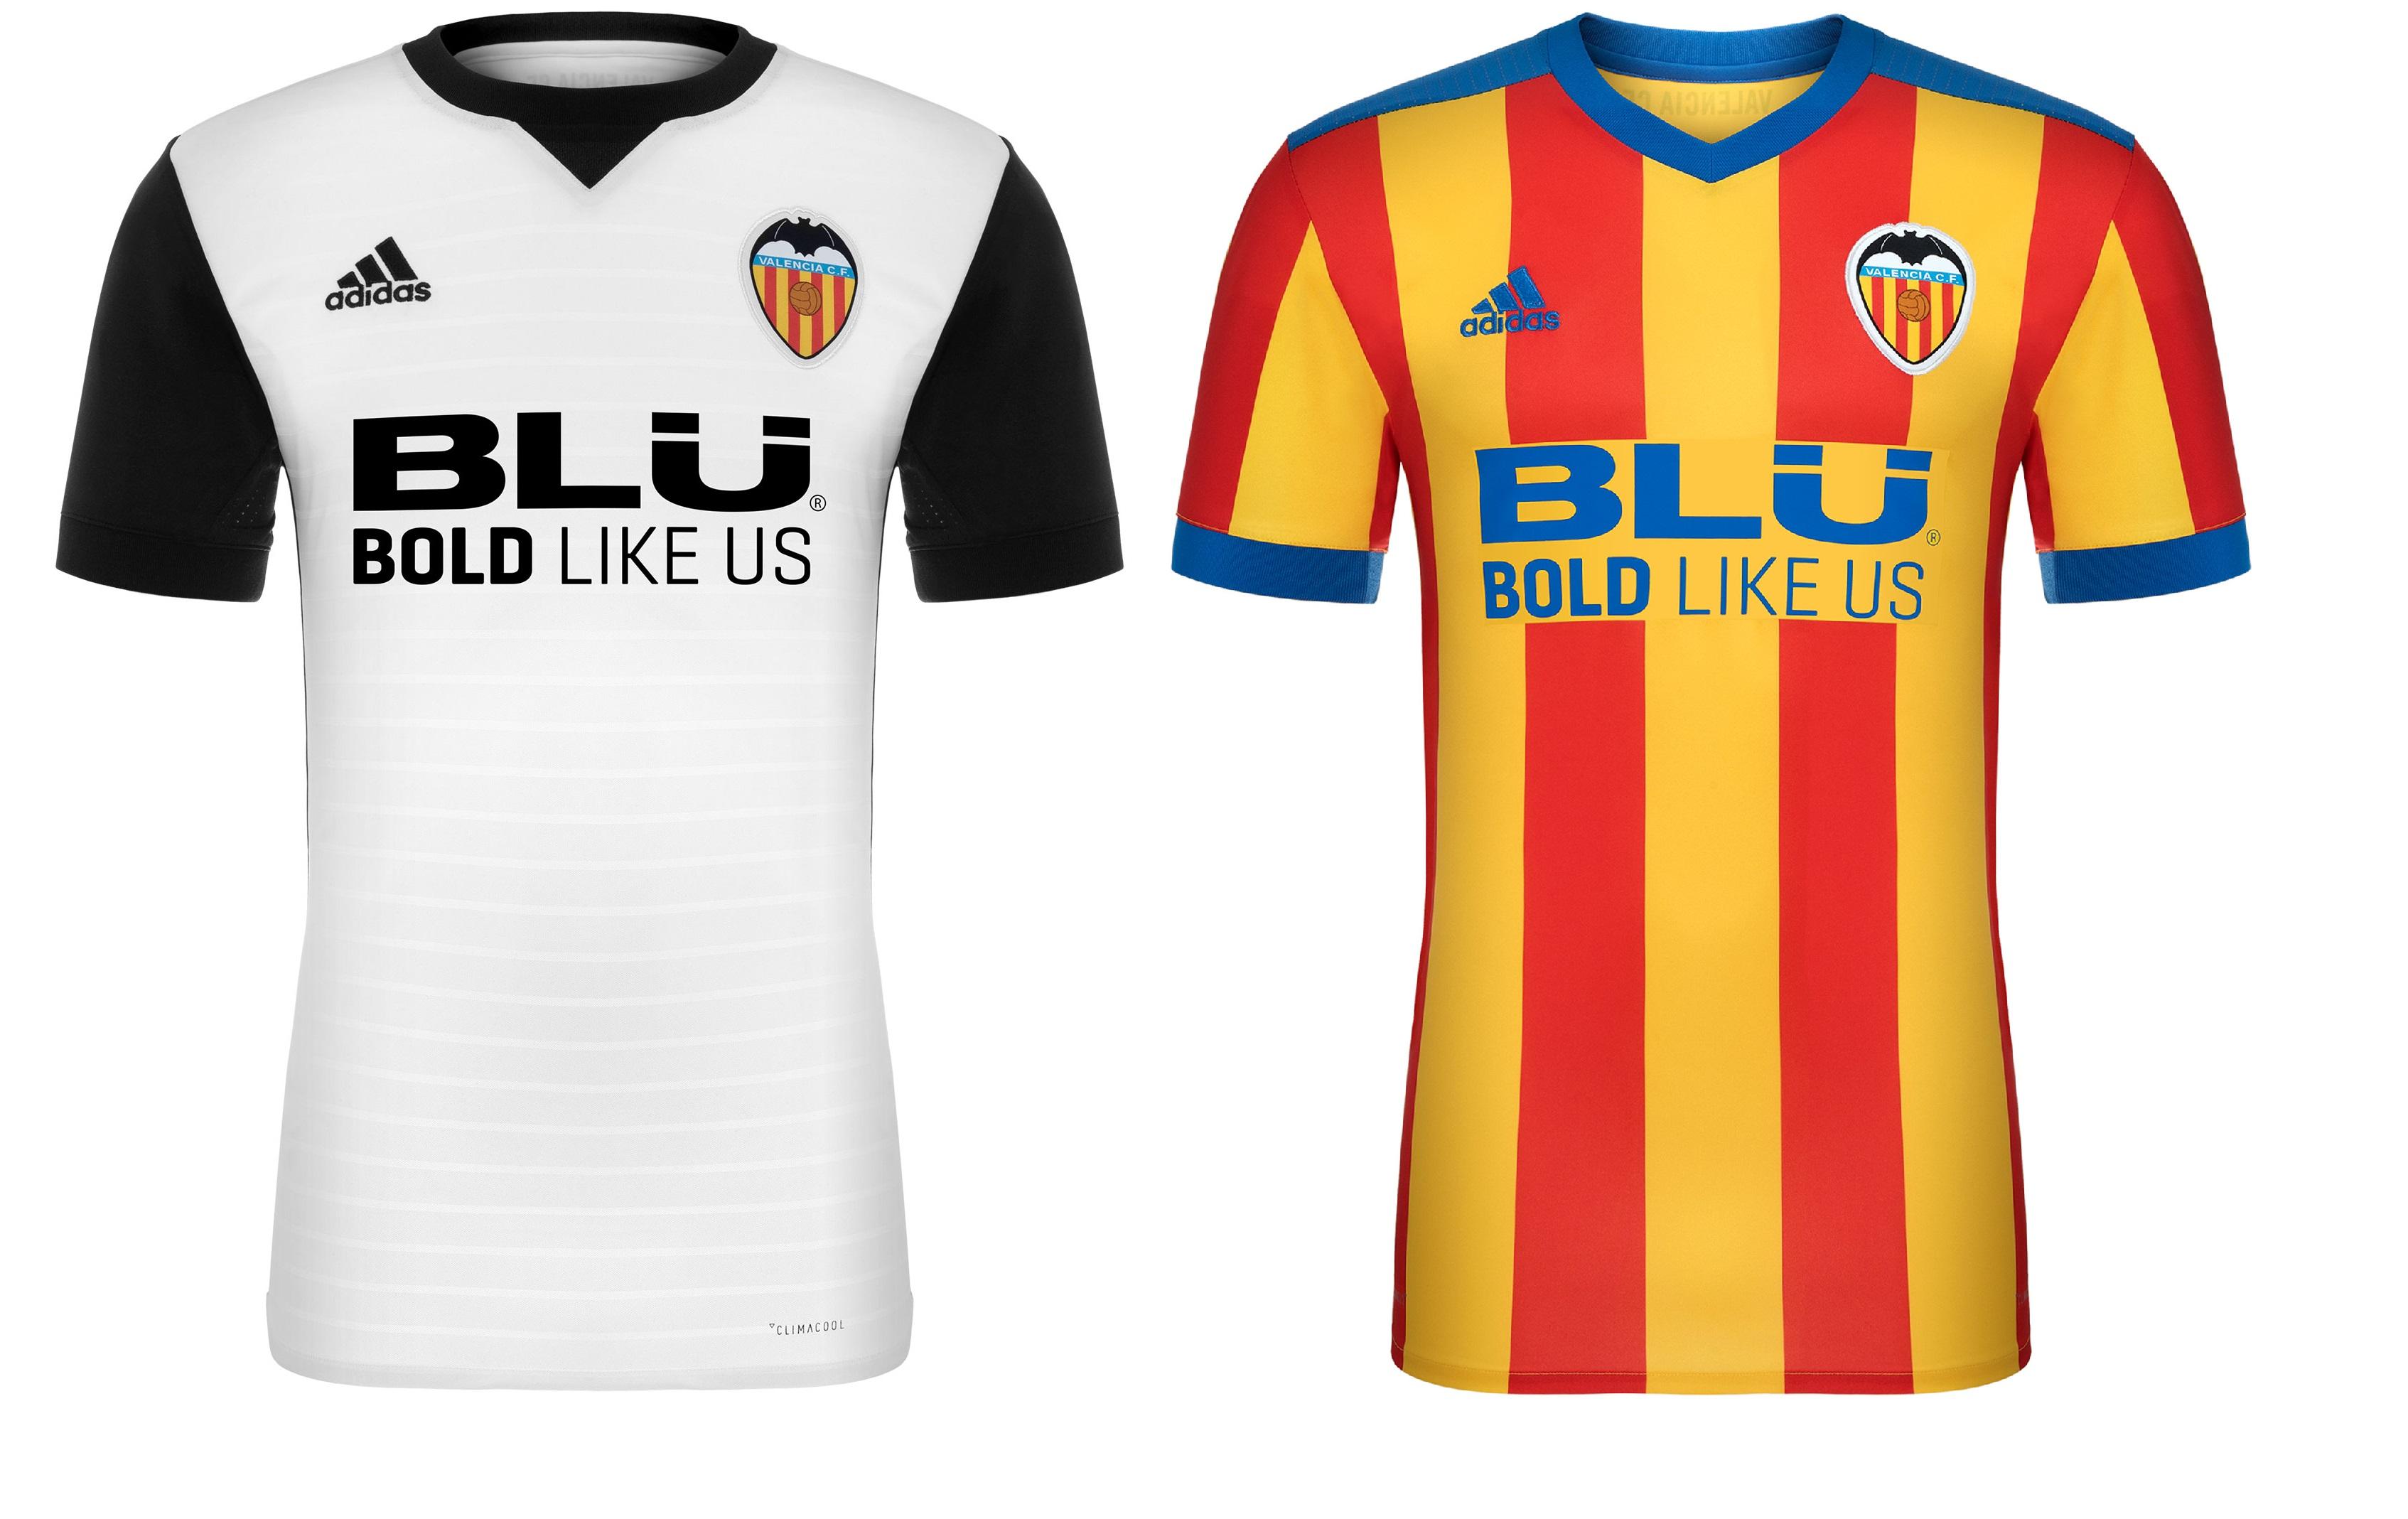 Camisetas de fútbol 2017 2018  análisis de las equipaciones de Real ... 909e93f1535fa